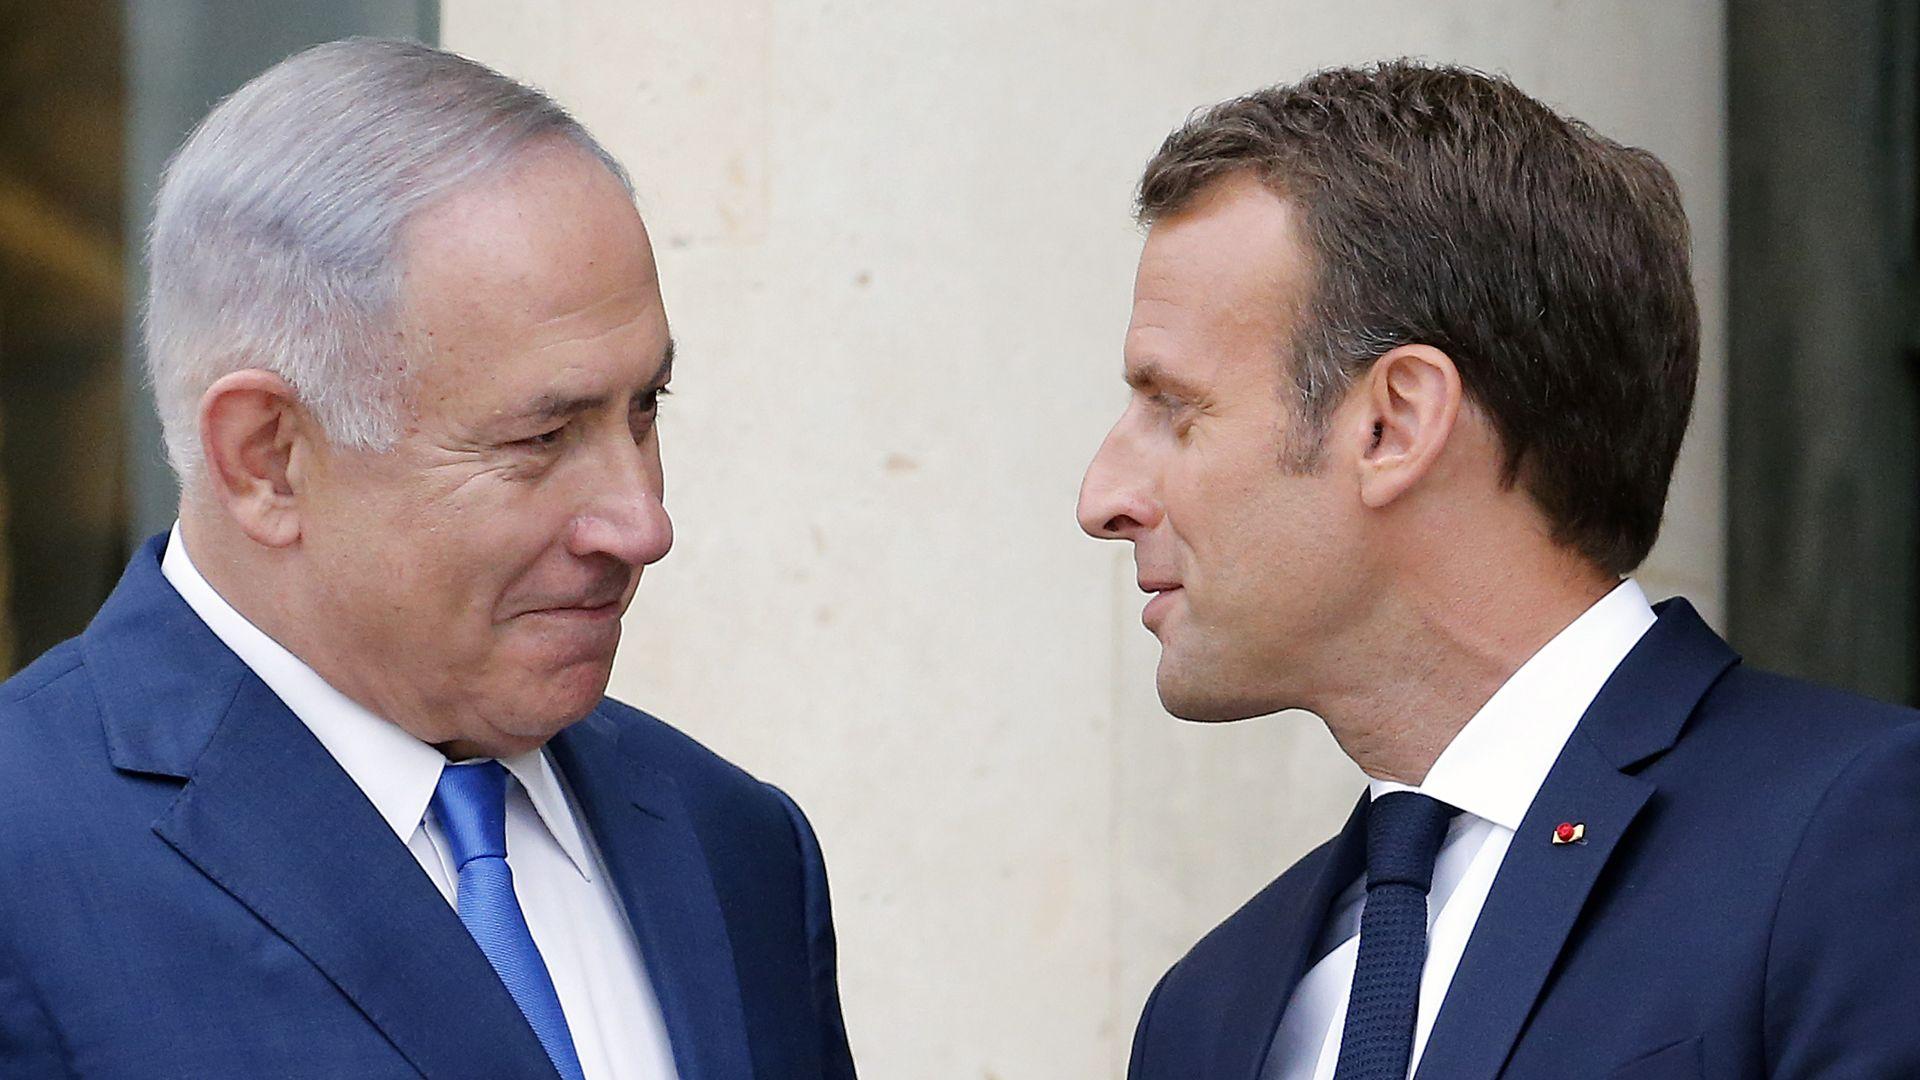 Israel - Axios